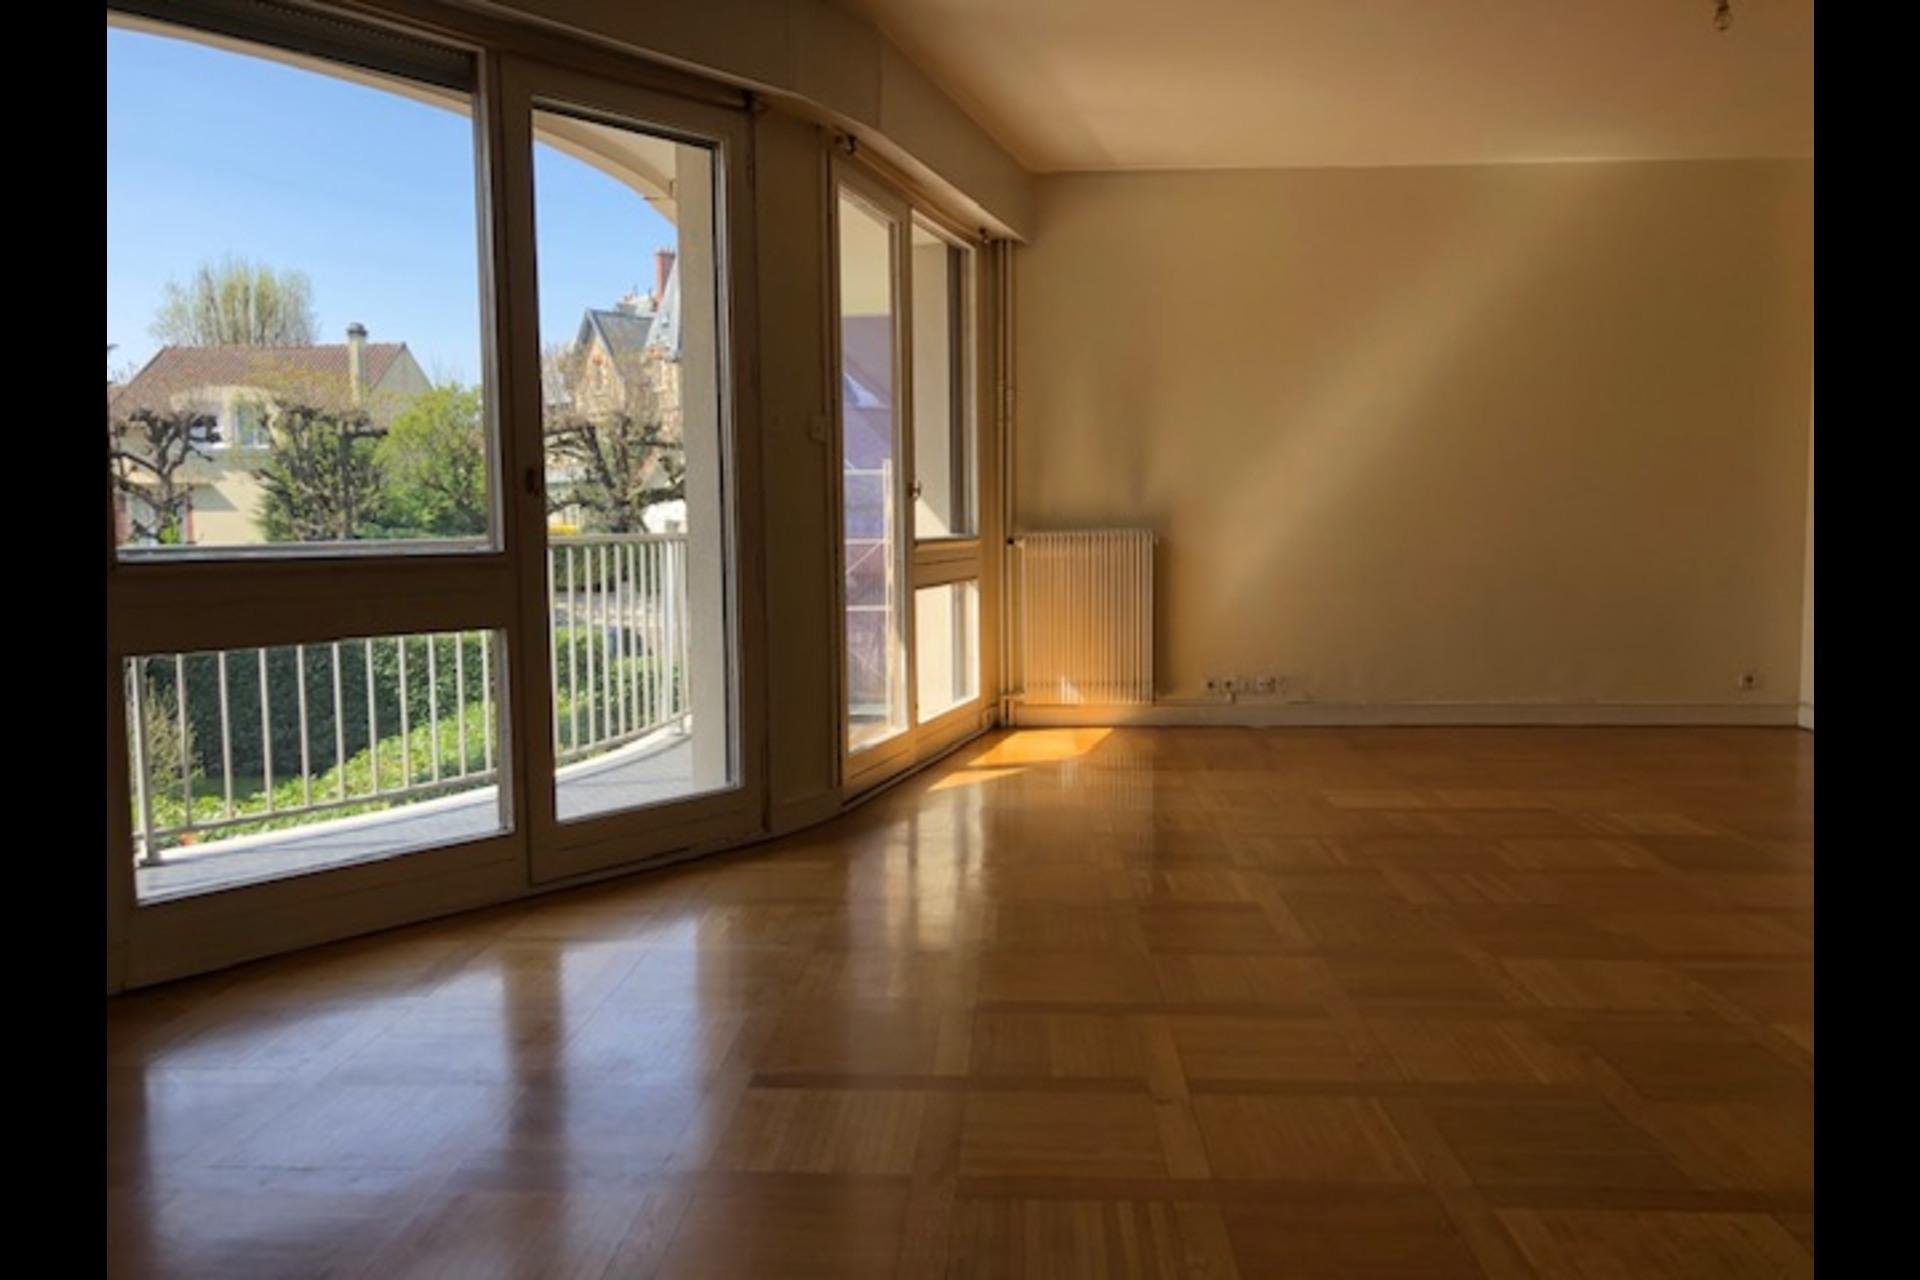 image 4 - Apartment For rent saint germain en laye - 5 rooms